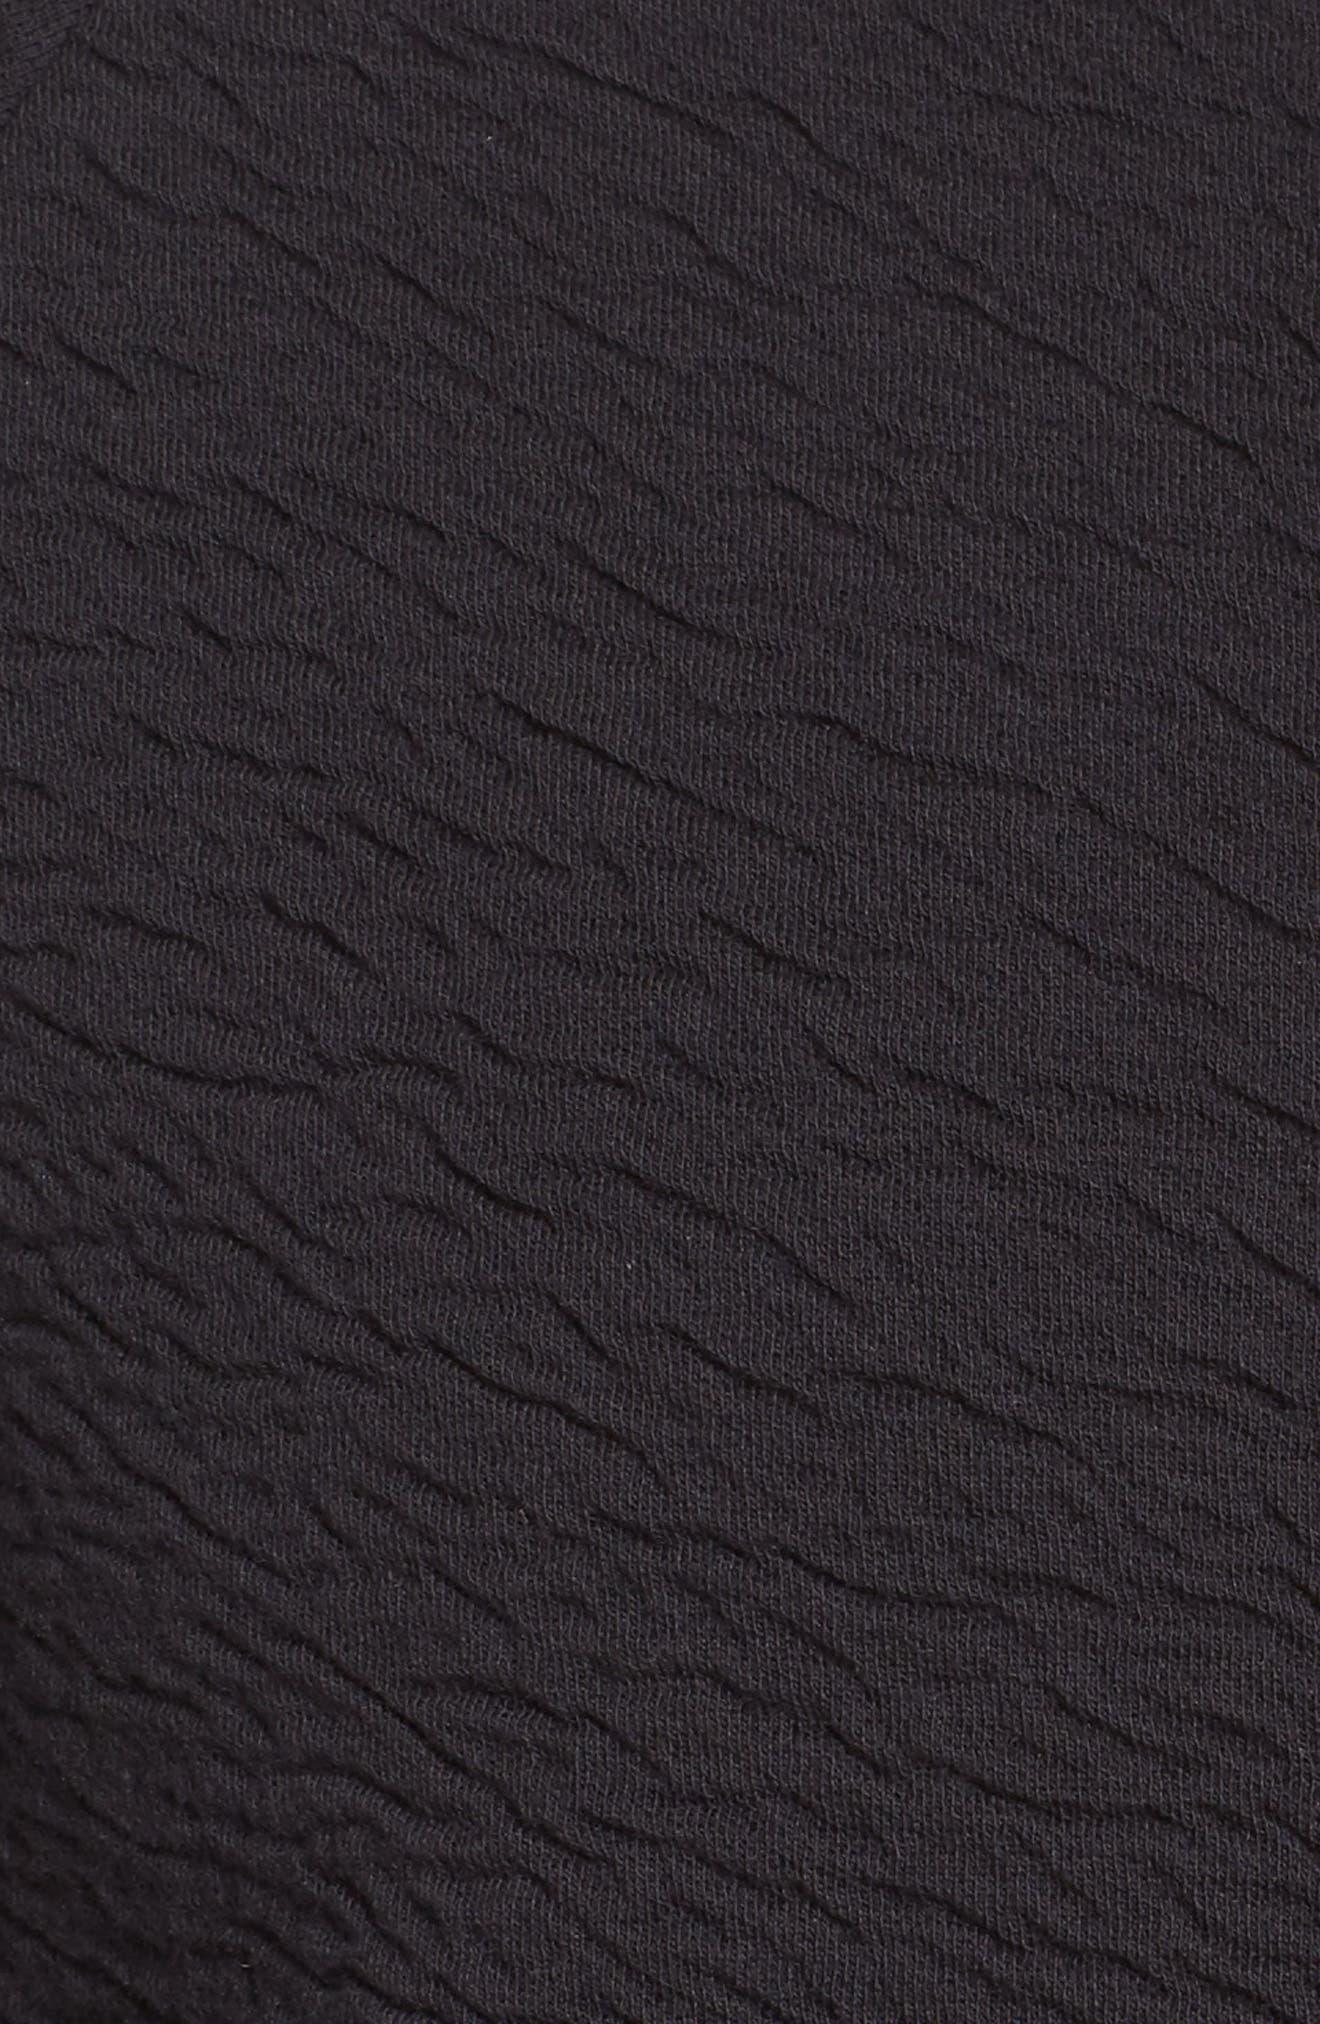 Heat Knit Drape Jacket,                             Alternate thumbnail 7, color,                             001